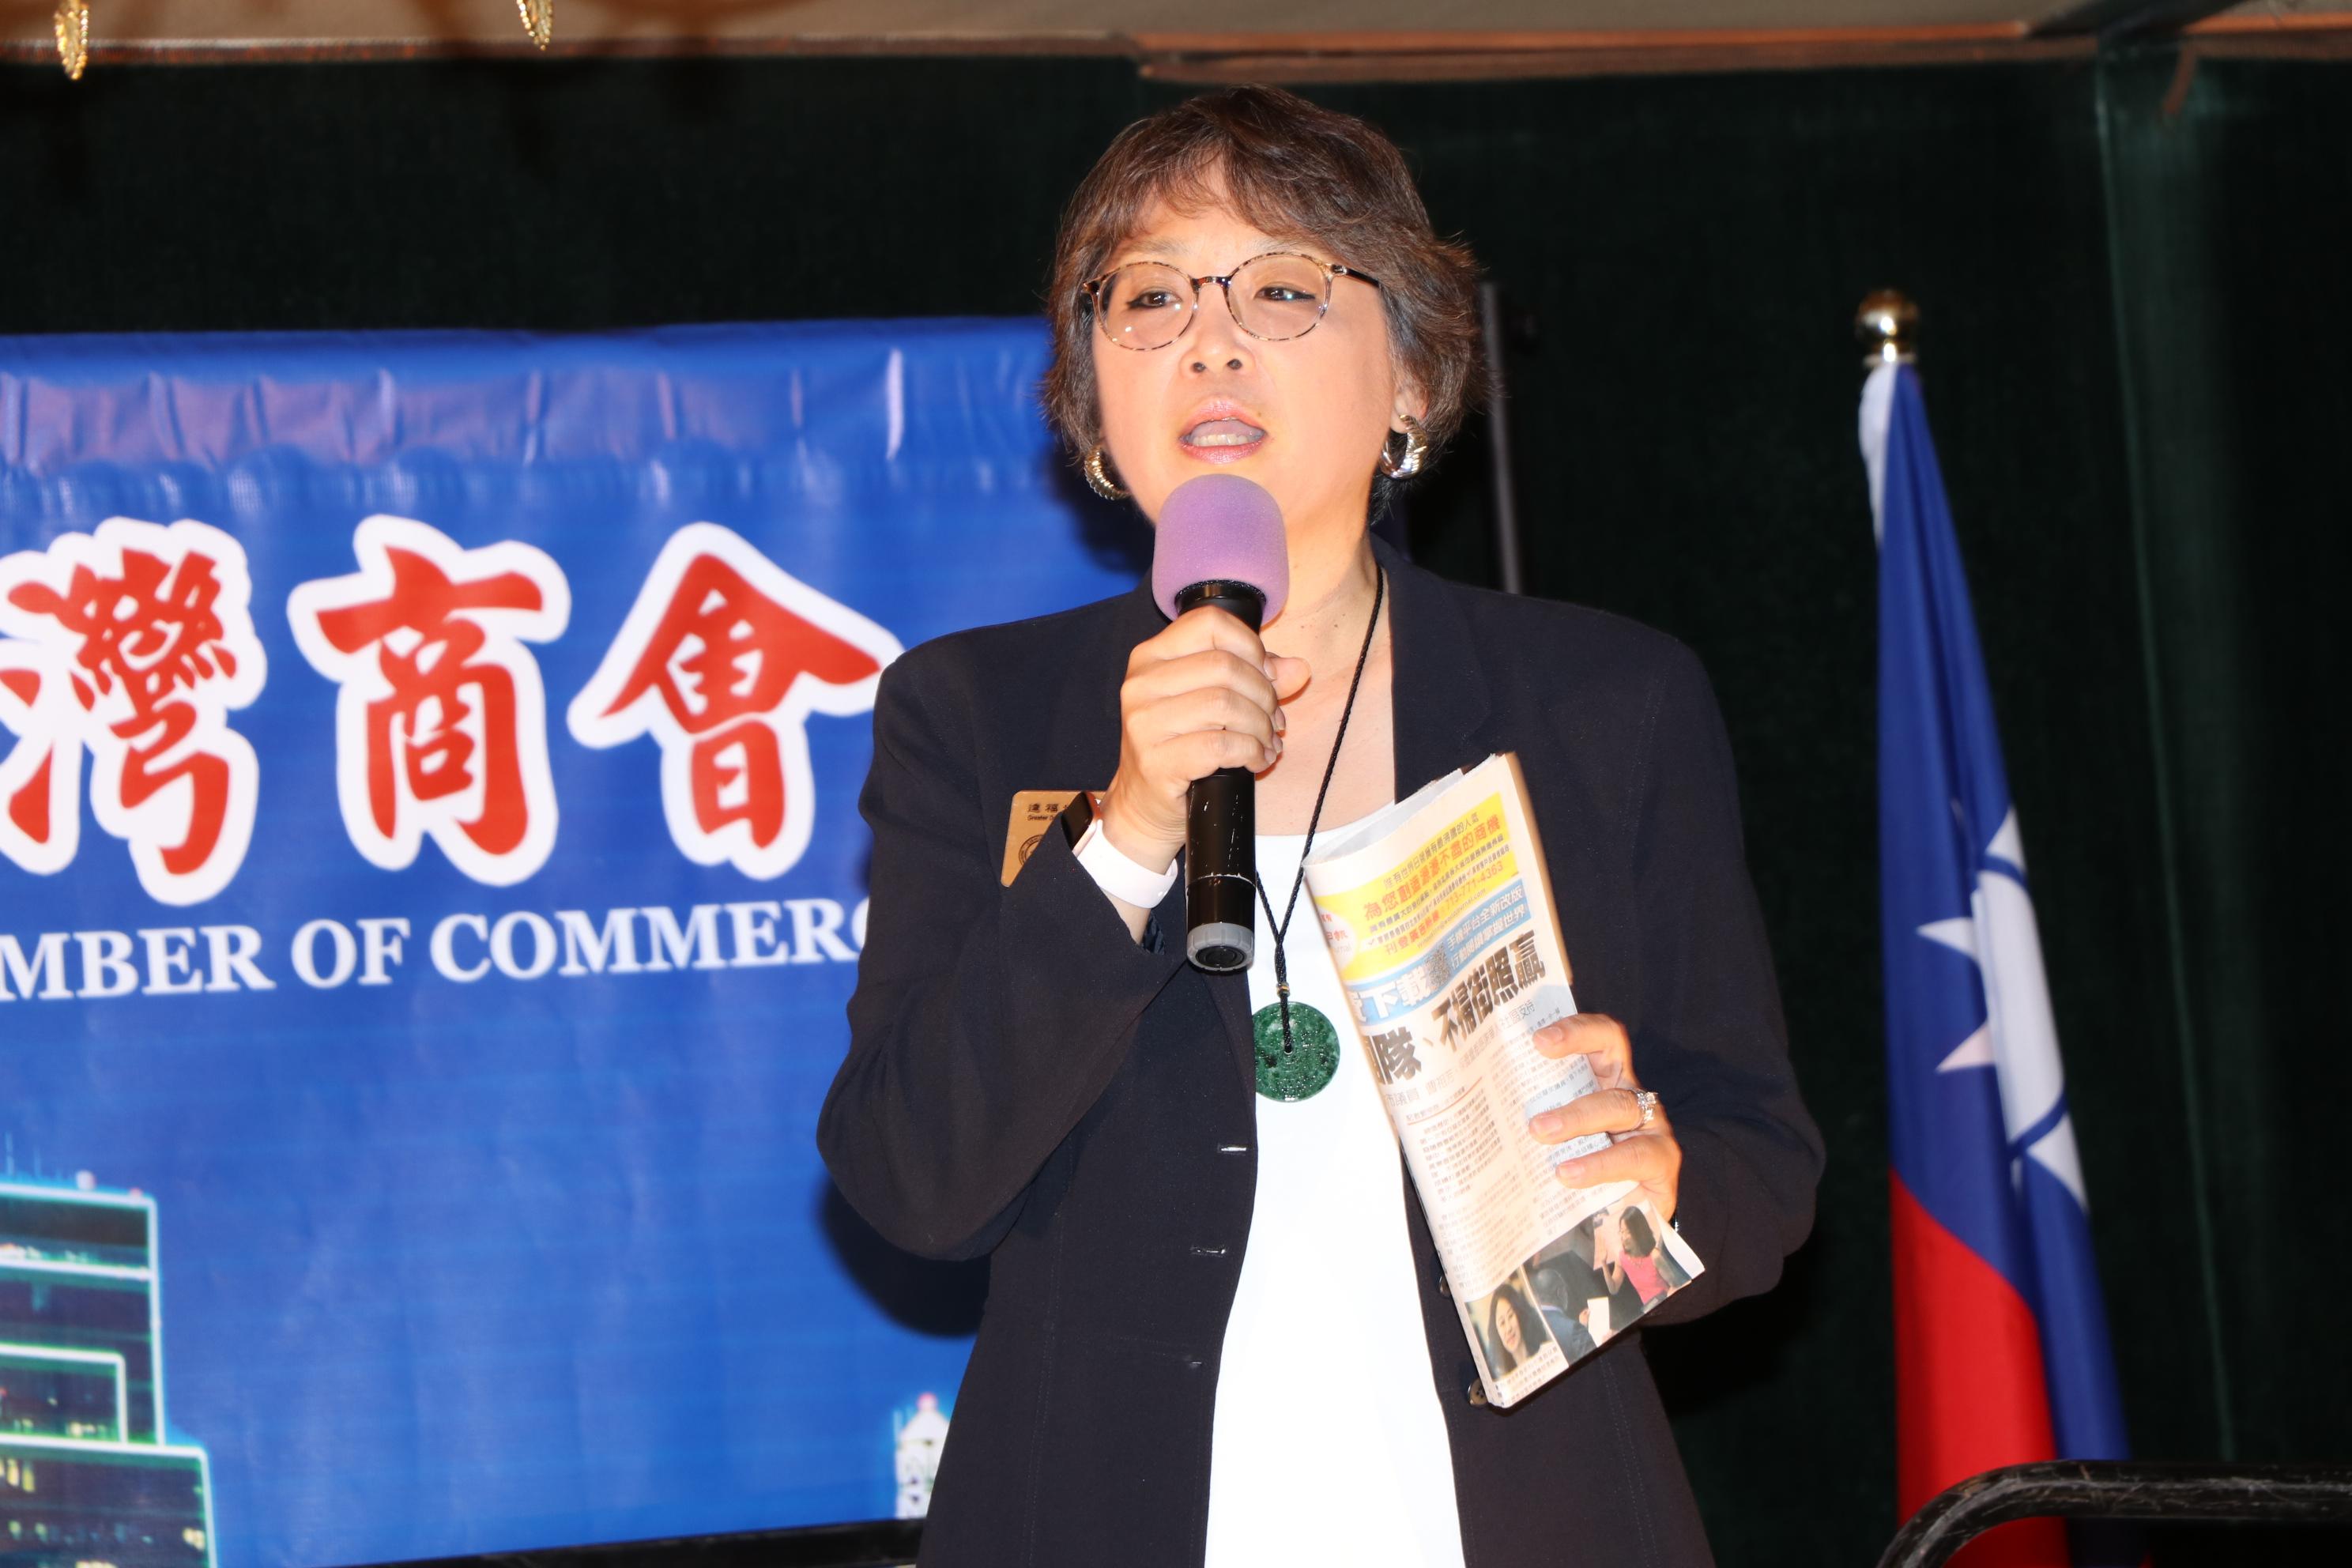 布蘭諾市新科議員曹祖芳,手拿著世界日報向在場政商人士表示,她是該市146年來第一位亞裔女性市議員。